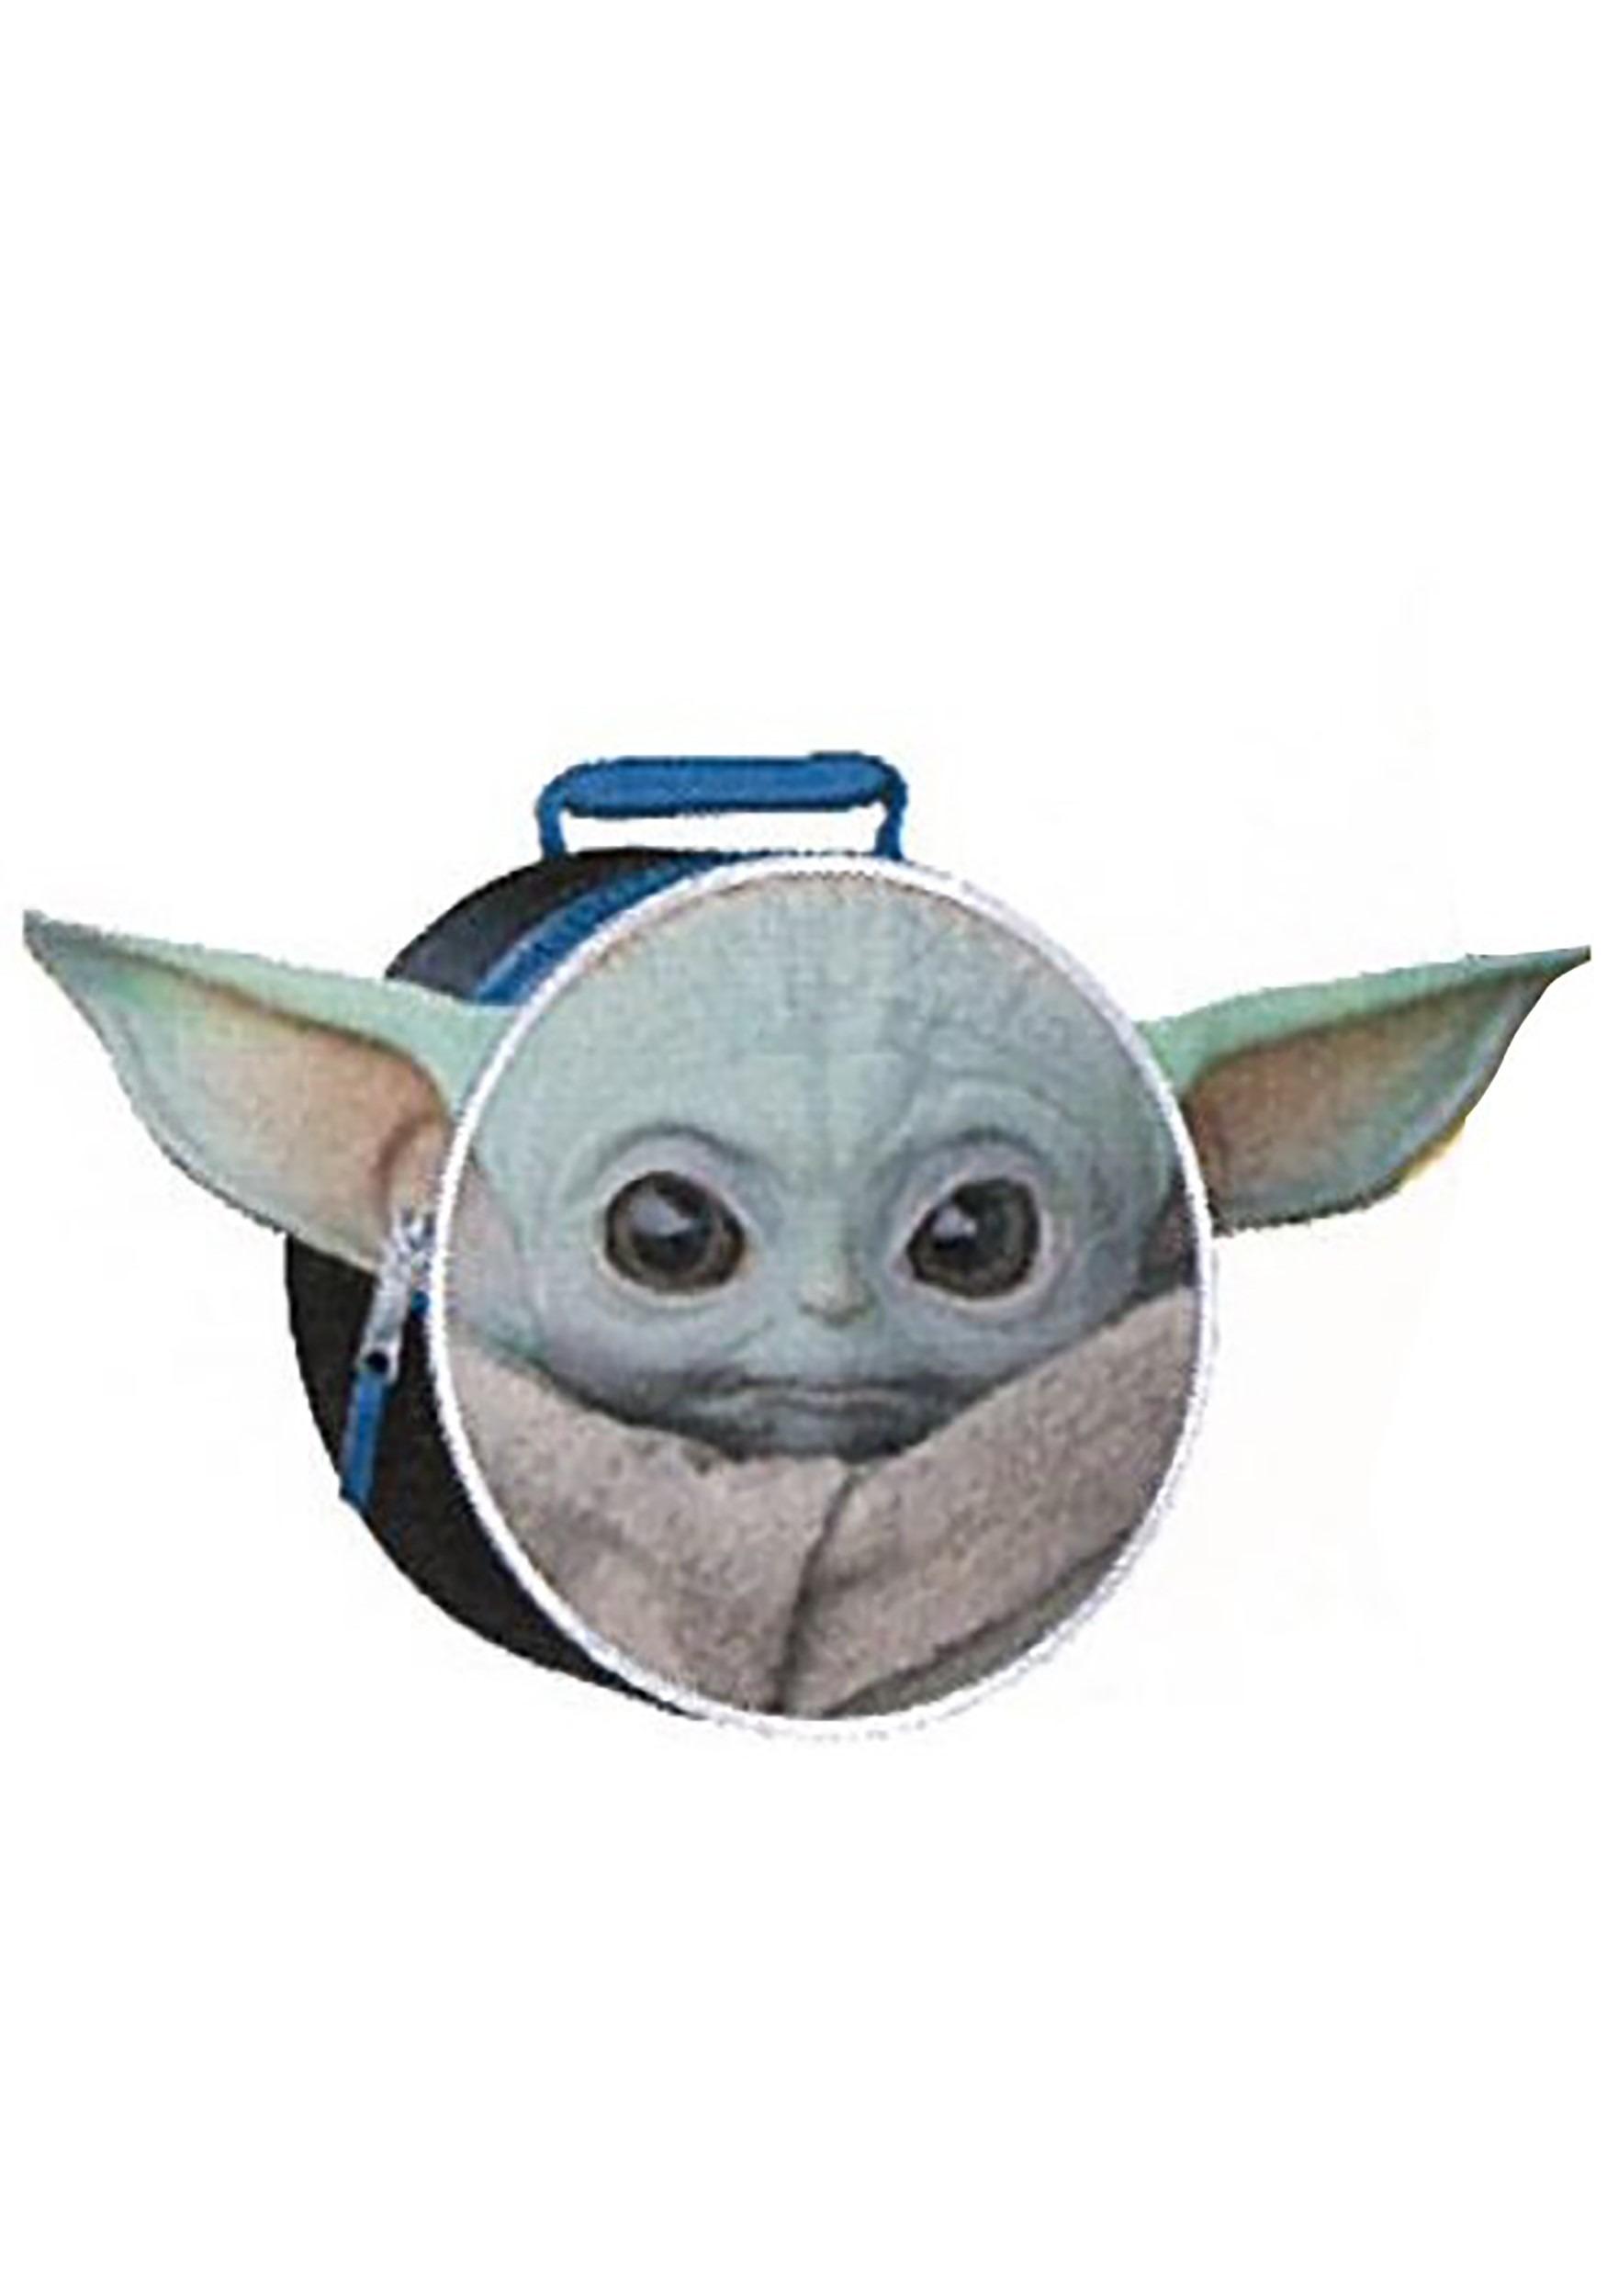 Baby Yoda - Star Wars